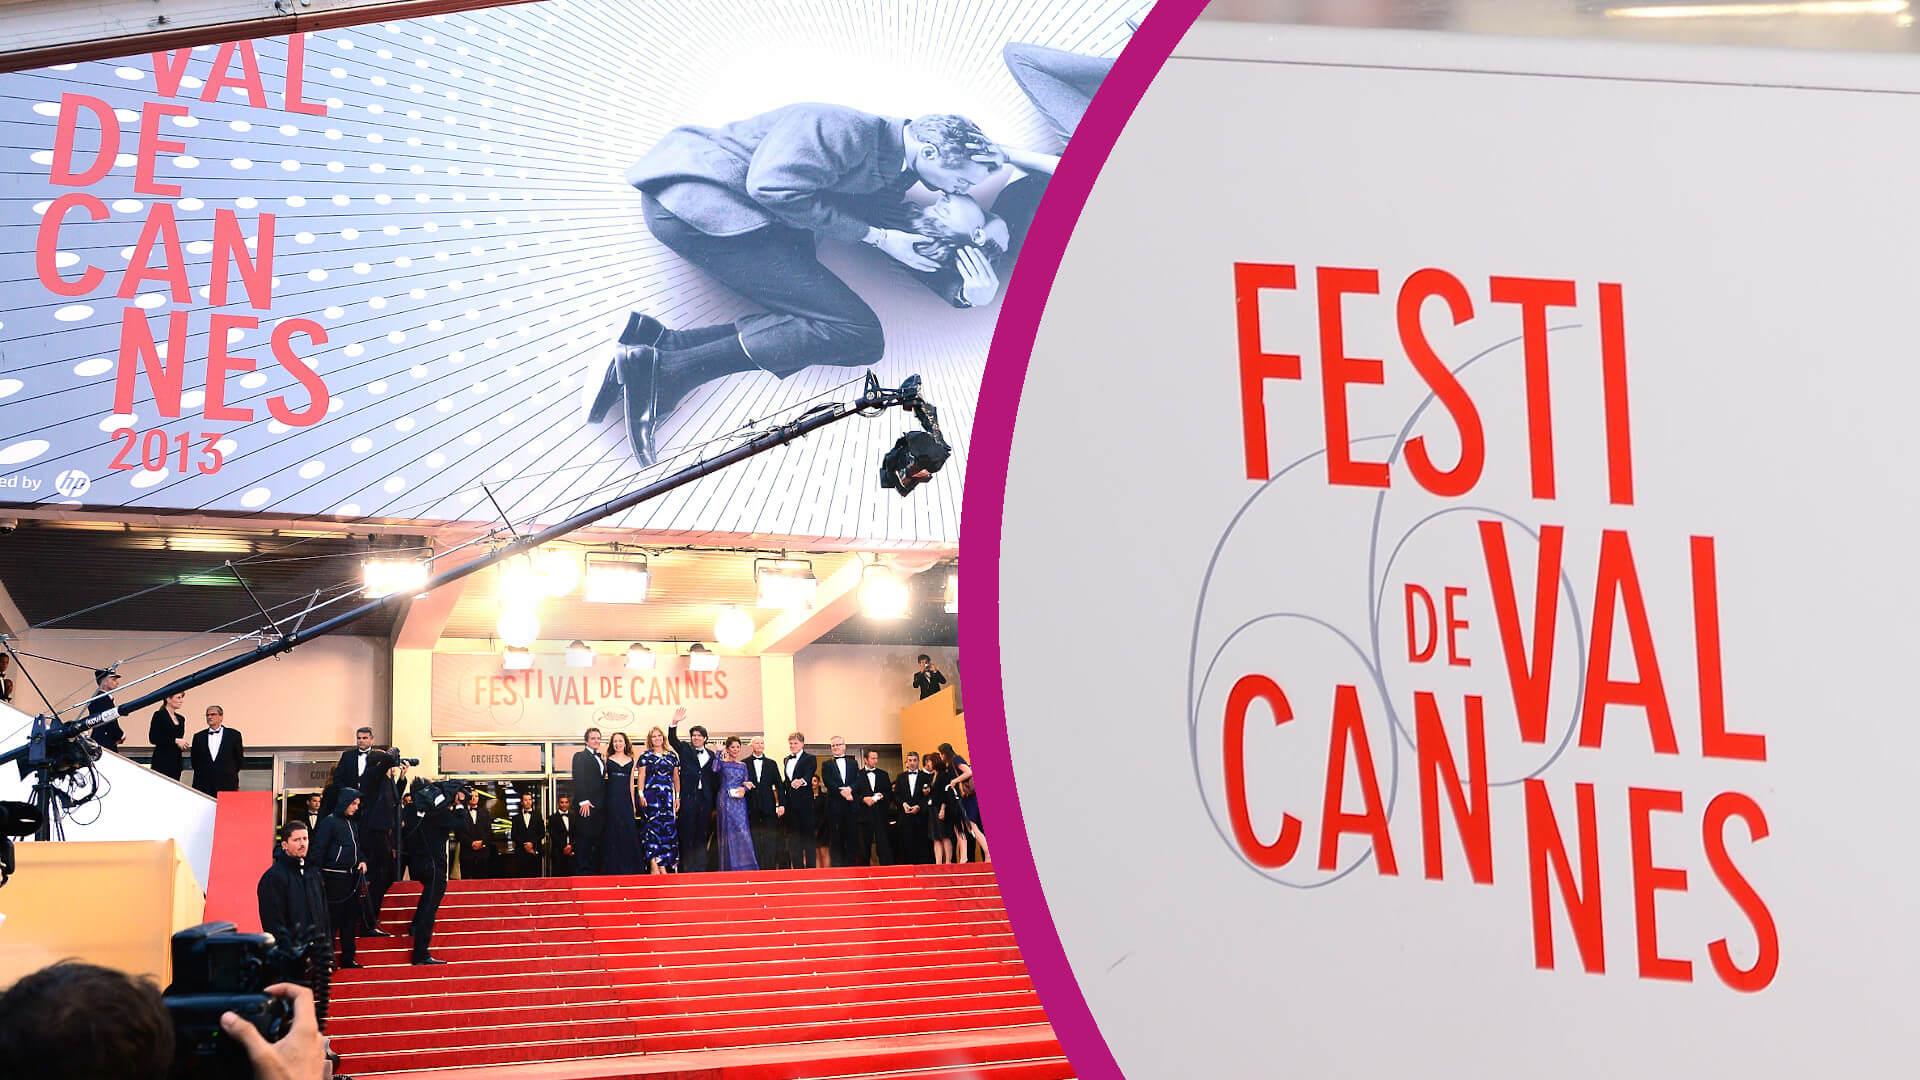 Festiwal Filmowy w Cannes został PRZEŁOŻONY!